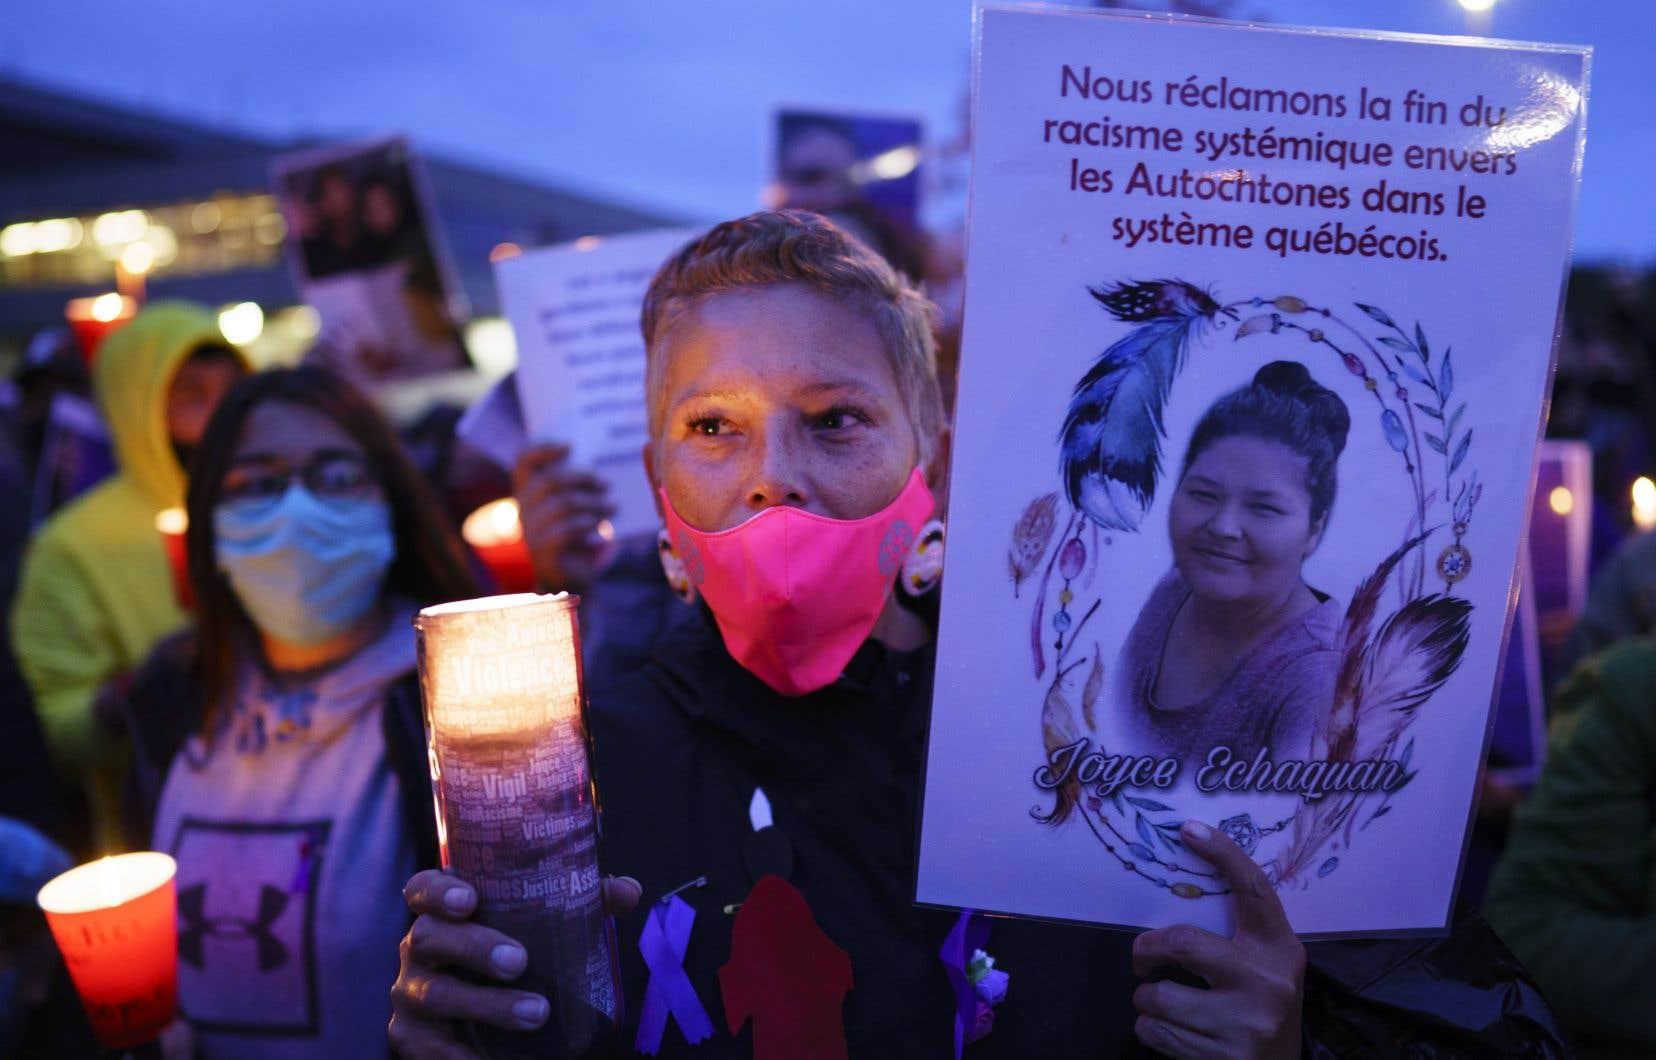 Une femme participe à la vigile en mémoire de Joyce Echaquan, devant l'hôpital où est décédée la mère de famille, à Joliette, le 29 septembre dernier. On peut lire sur son affiche: «Nous réclamons la fin du racisme systémique envers les Autochtones dans le système québécois.»